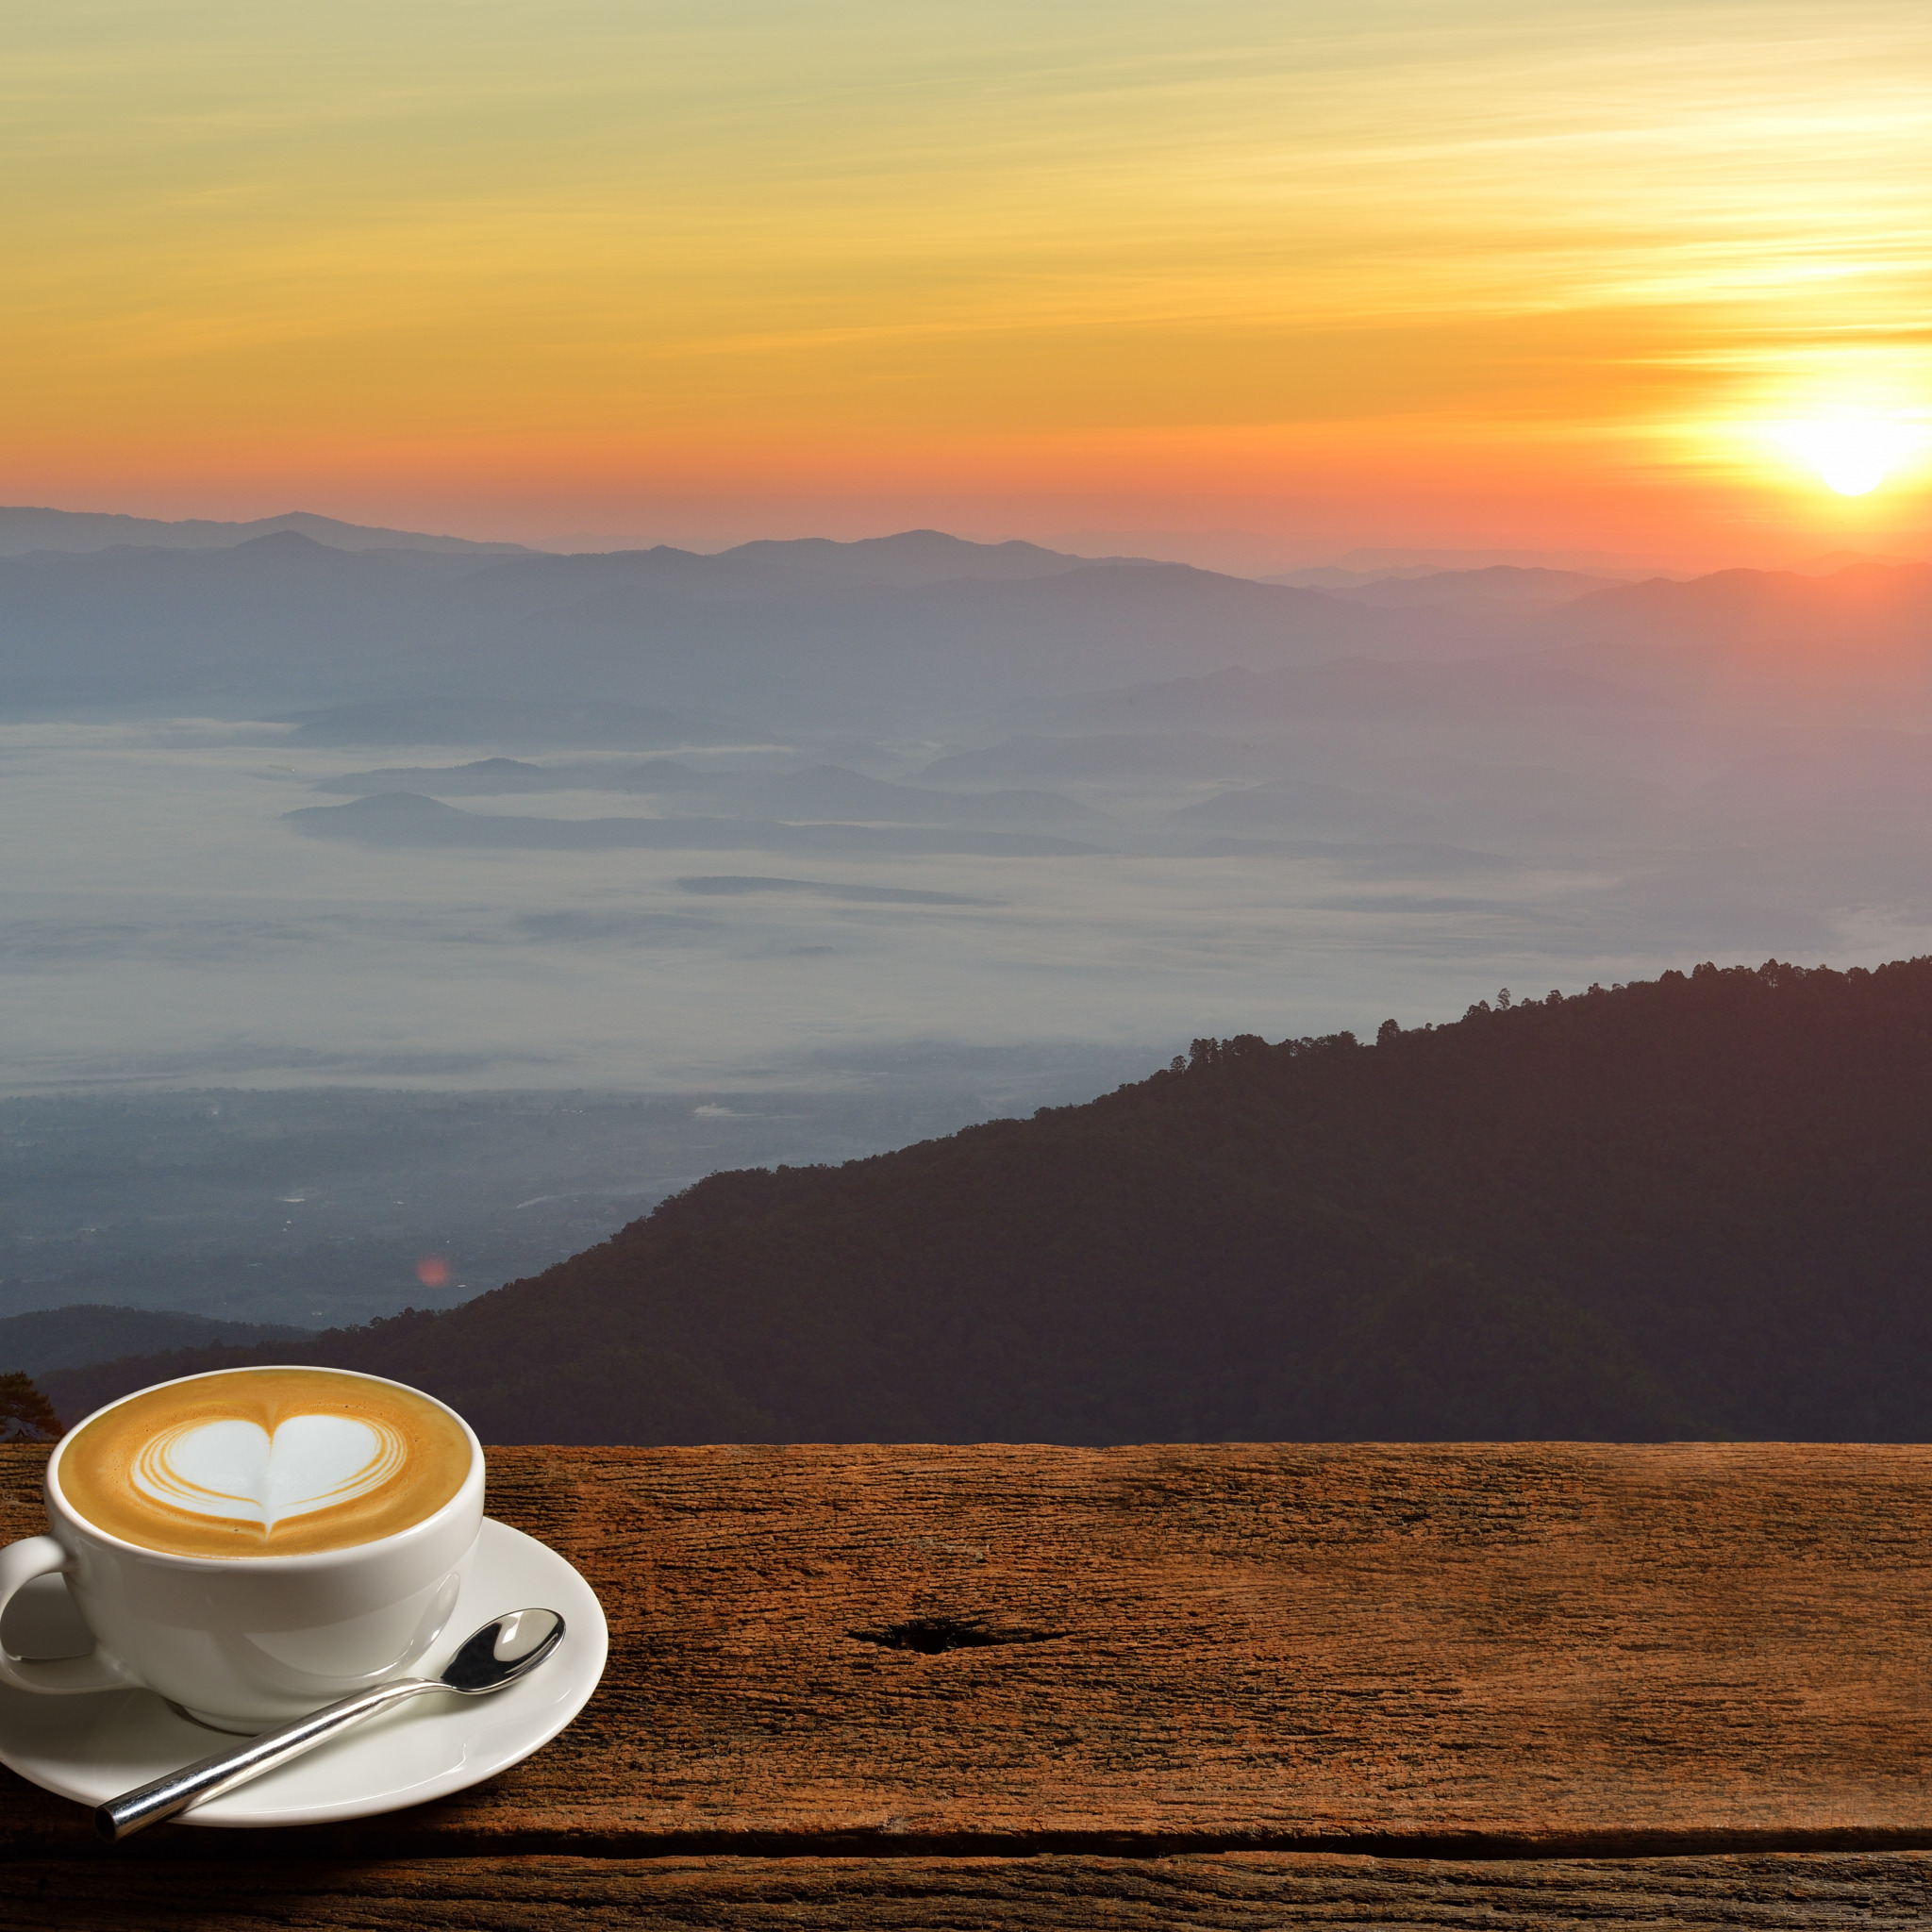 состоит фото с добрым утром милая море десяти